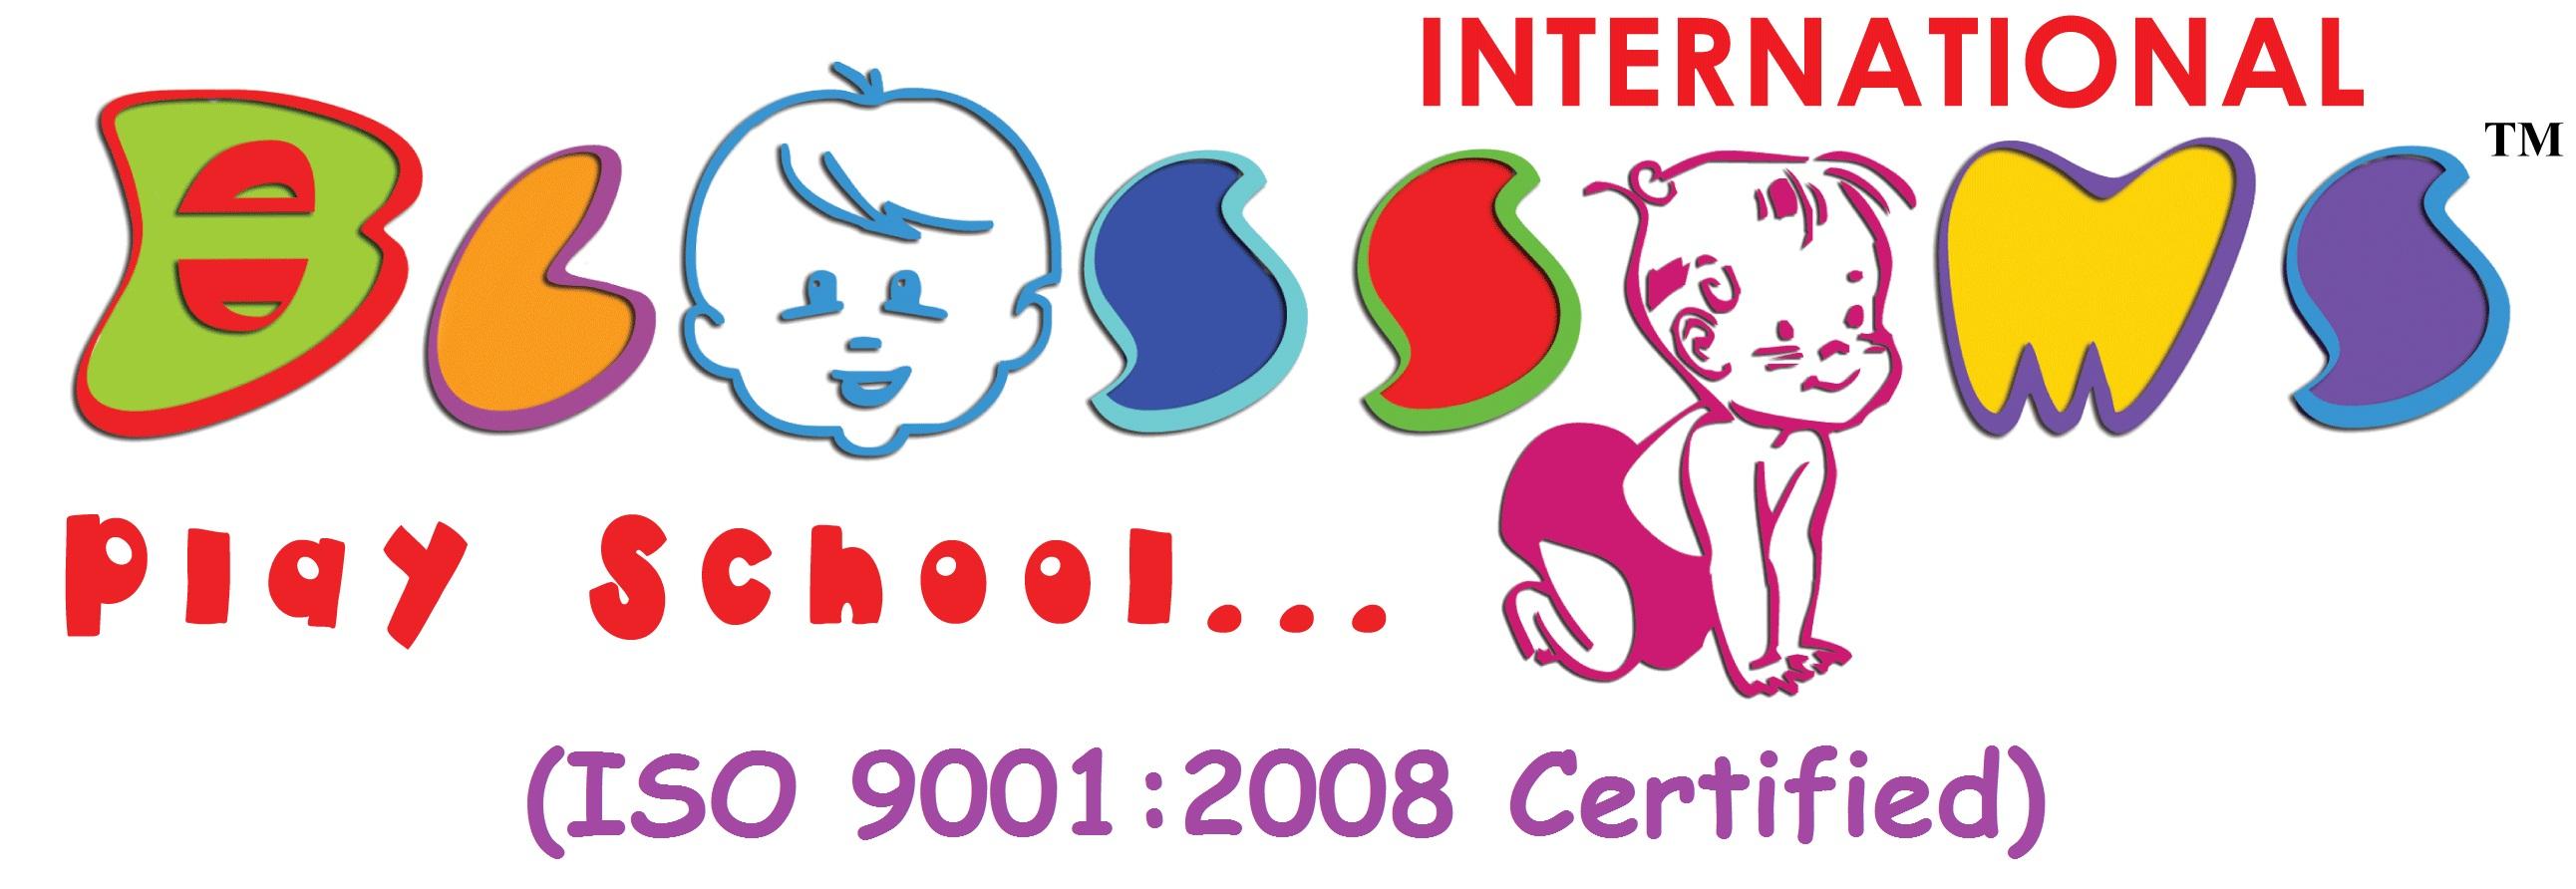 Blossoms International Play School-SchoSys.com